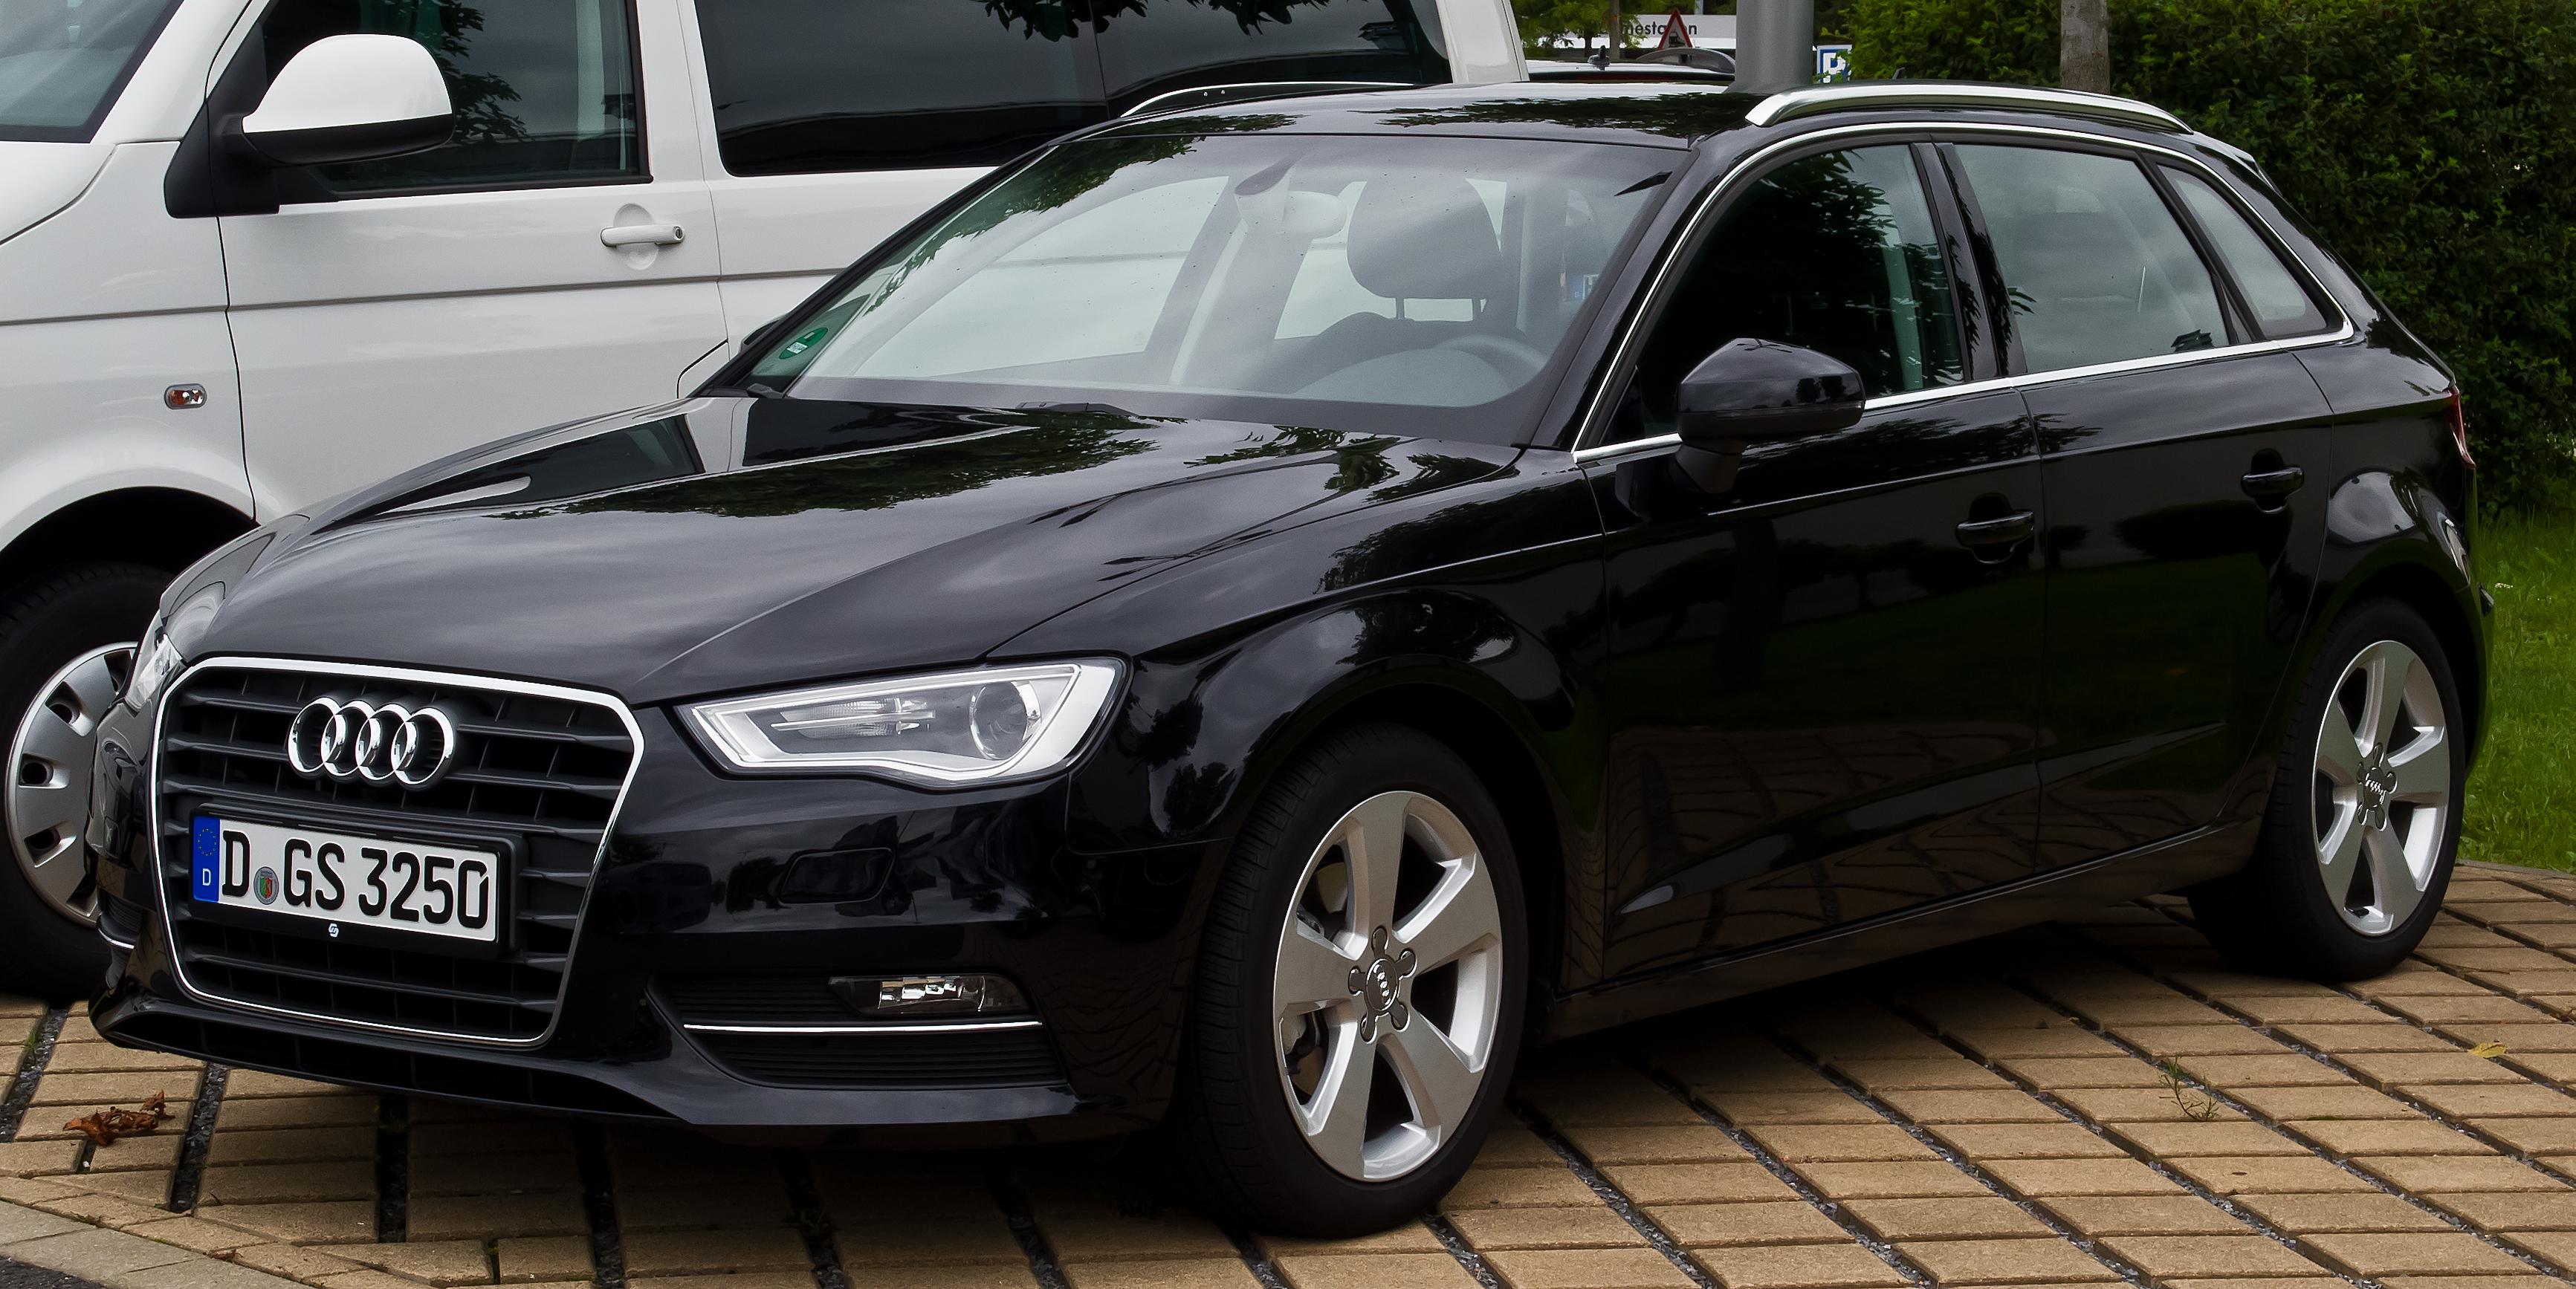 Audi rs3 2014 wikipedia